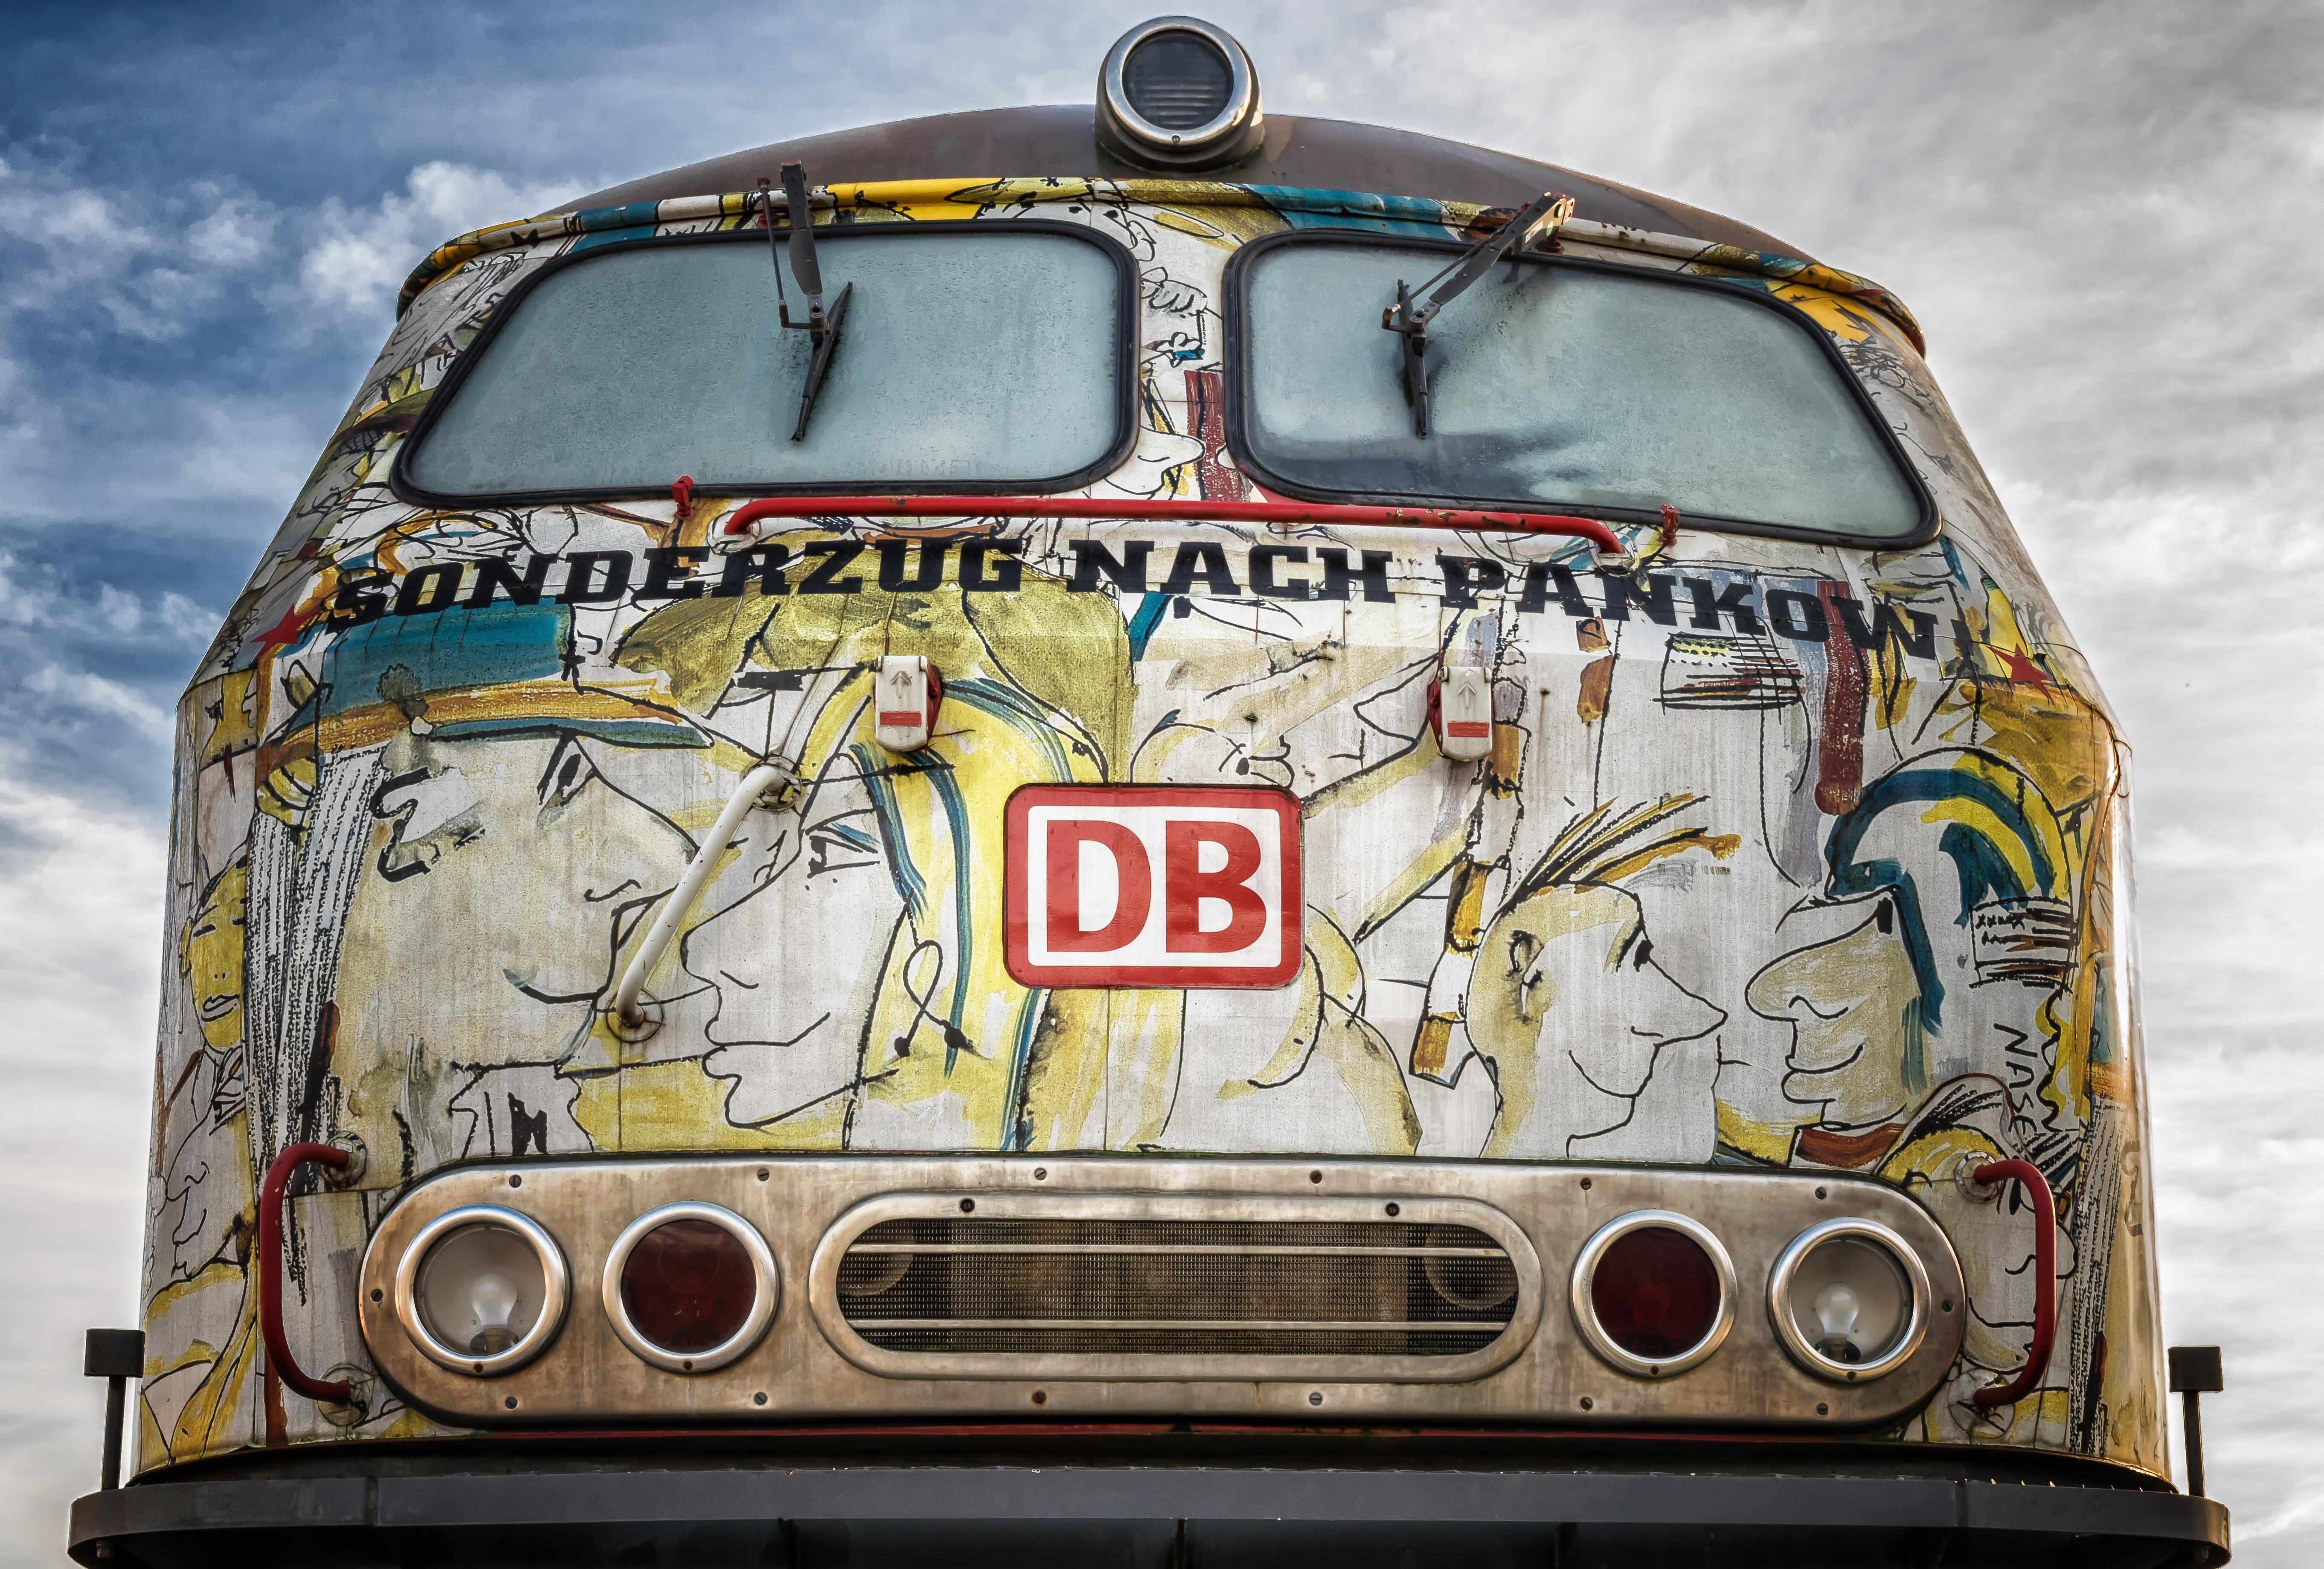 Free Images : railway, van, transport, vehicle, broken, nostalgia ...